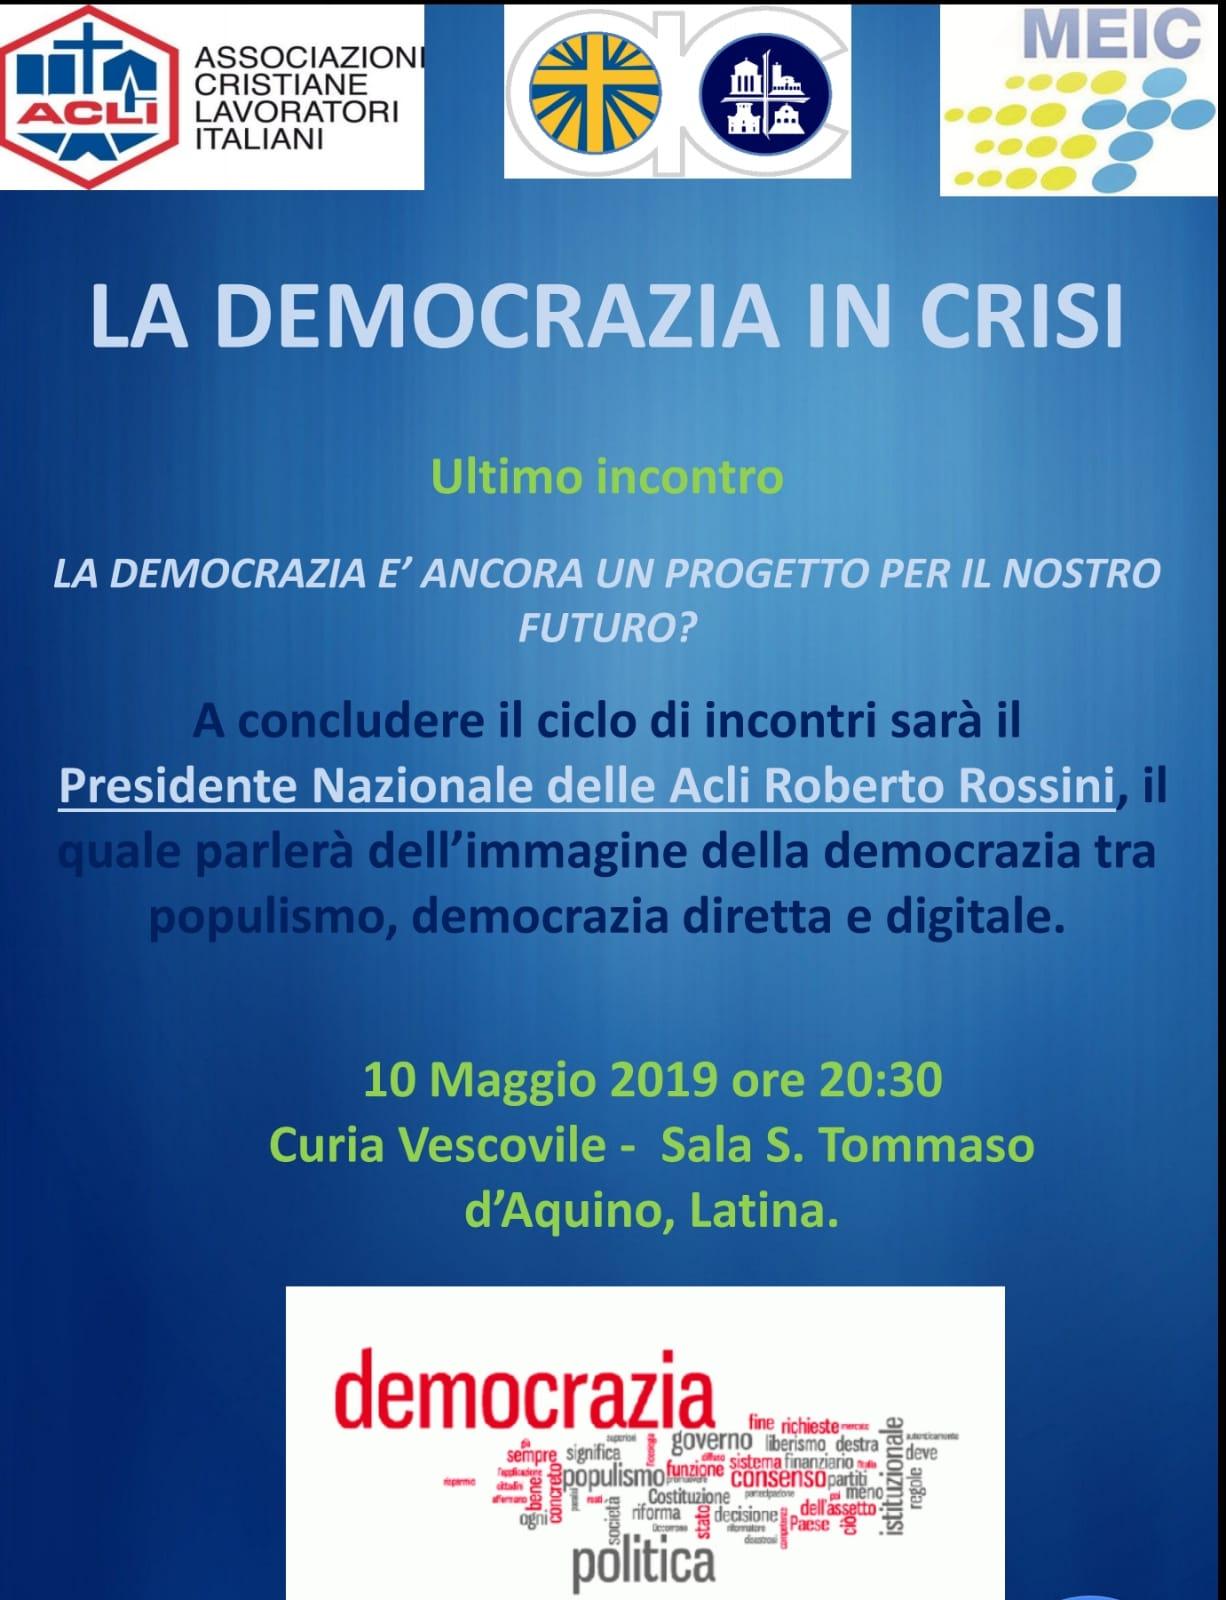 Venerdi a Latina il Presidente nazionale delle Acli sullo stato dellademocrazia